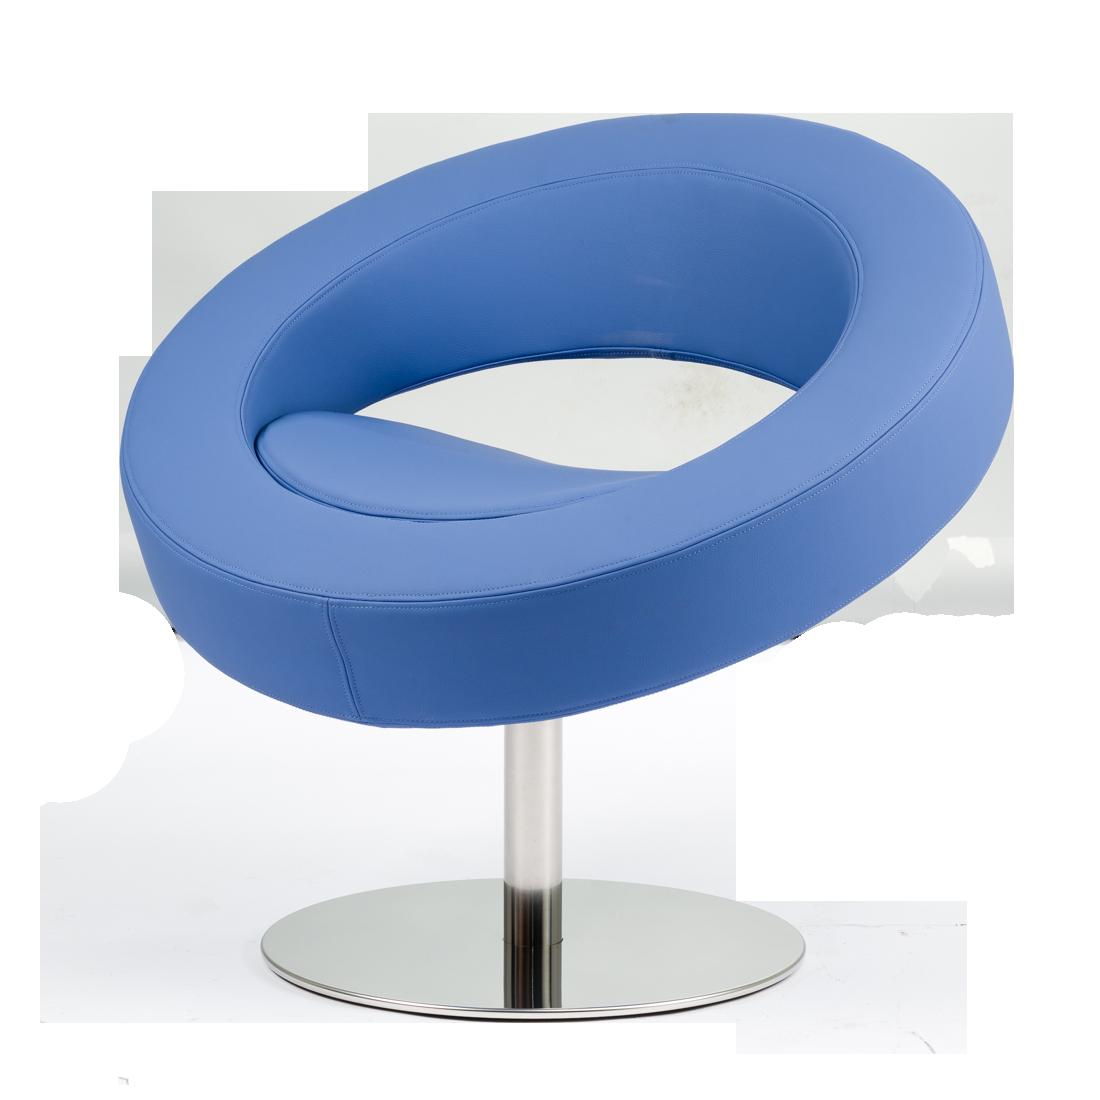 Кресло HelloИнтерьерные<br>Дизайнерское футуристичное круглое кресло Hello (Хеллоу) на узкой ножке цвета хром от Softline (Софтлайн).<br><br><br> Невероятное обаяние и характер. Кресло было заказано датской медиакорпорацией DR специально для Кайли Миноуг — харизматичной поп-дивы и удивительно жизнерадостного человека. Разработать облик необычного подарка взялся опытный дизайнер Флемминг Буск, создатель творческого дуэта и бренда Busk+Hertzog. Буск уже успешно сотрудничал с Softline, и в его послужном списке значился диван...<br><br>stock: 2<br>Высота: 70<br>Высота сиденья: 40<br>Диаметр: 75<br>Материал обивки: Шерсть, Полиамид<br>Тип материала каркаса: Сталь нержавеющя<br>Коллекция ткани: Felt<br>Тип материала обивки: Ткань<br>Цвет обивки: Голубой<br>Цвет каркаса: Хром